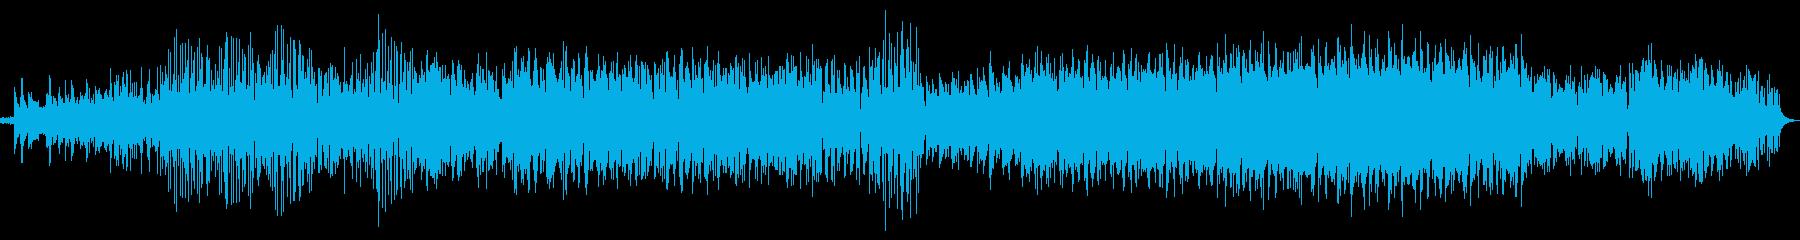 ポップで軽快なエレクトロニカミュージックの再生済みの波形